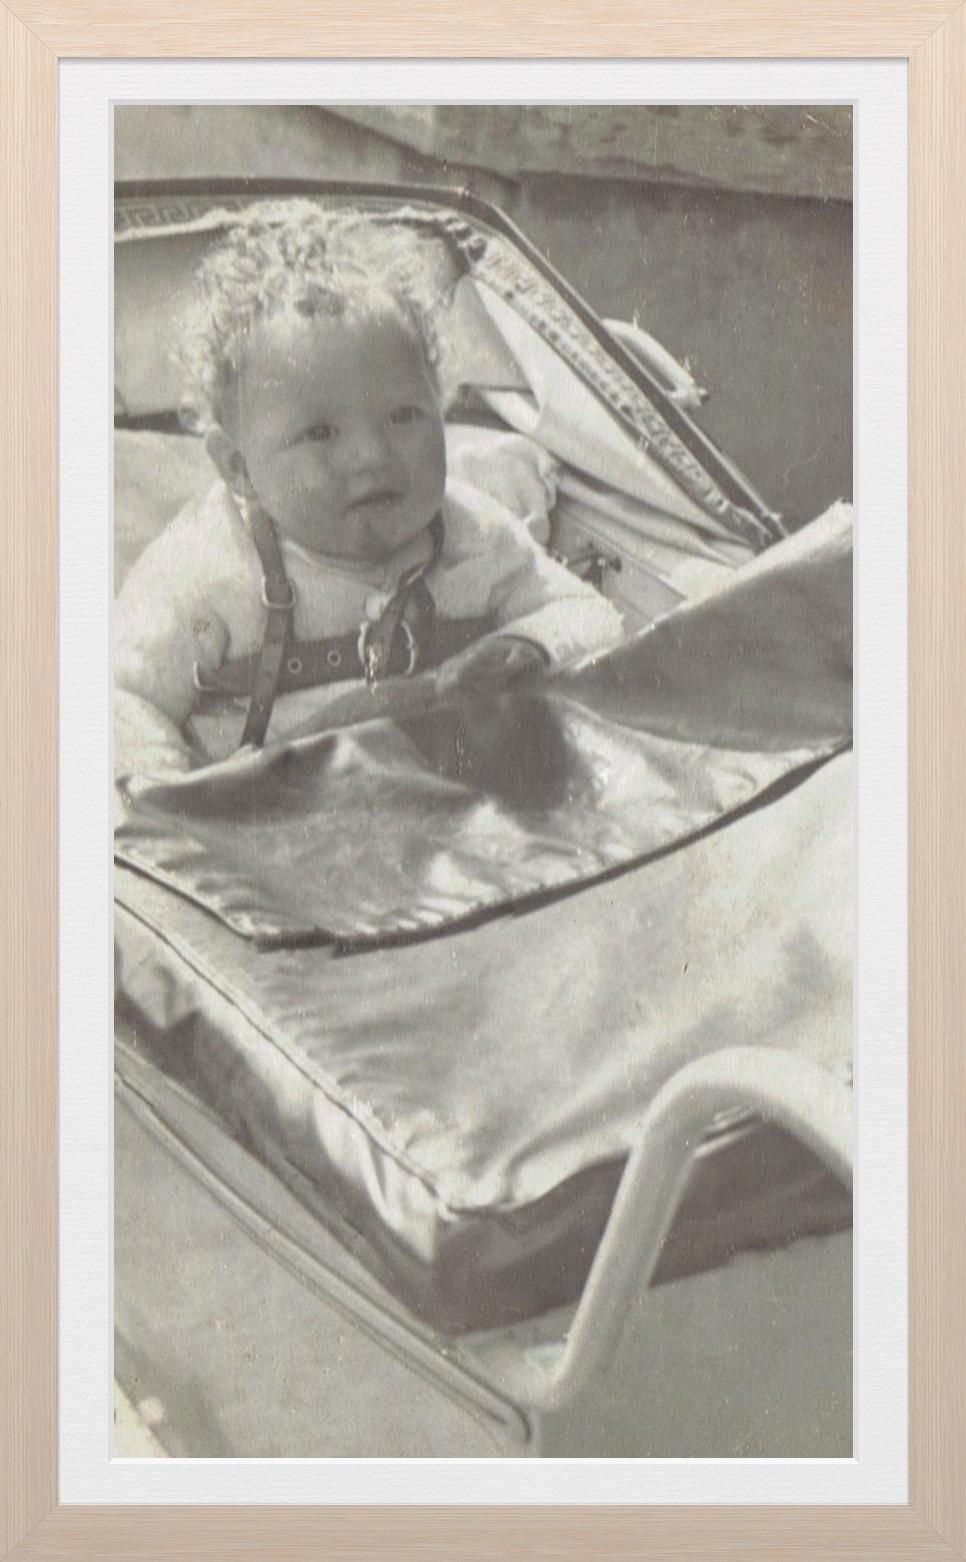 Baby Vicki Adcock in pram, 1948